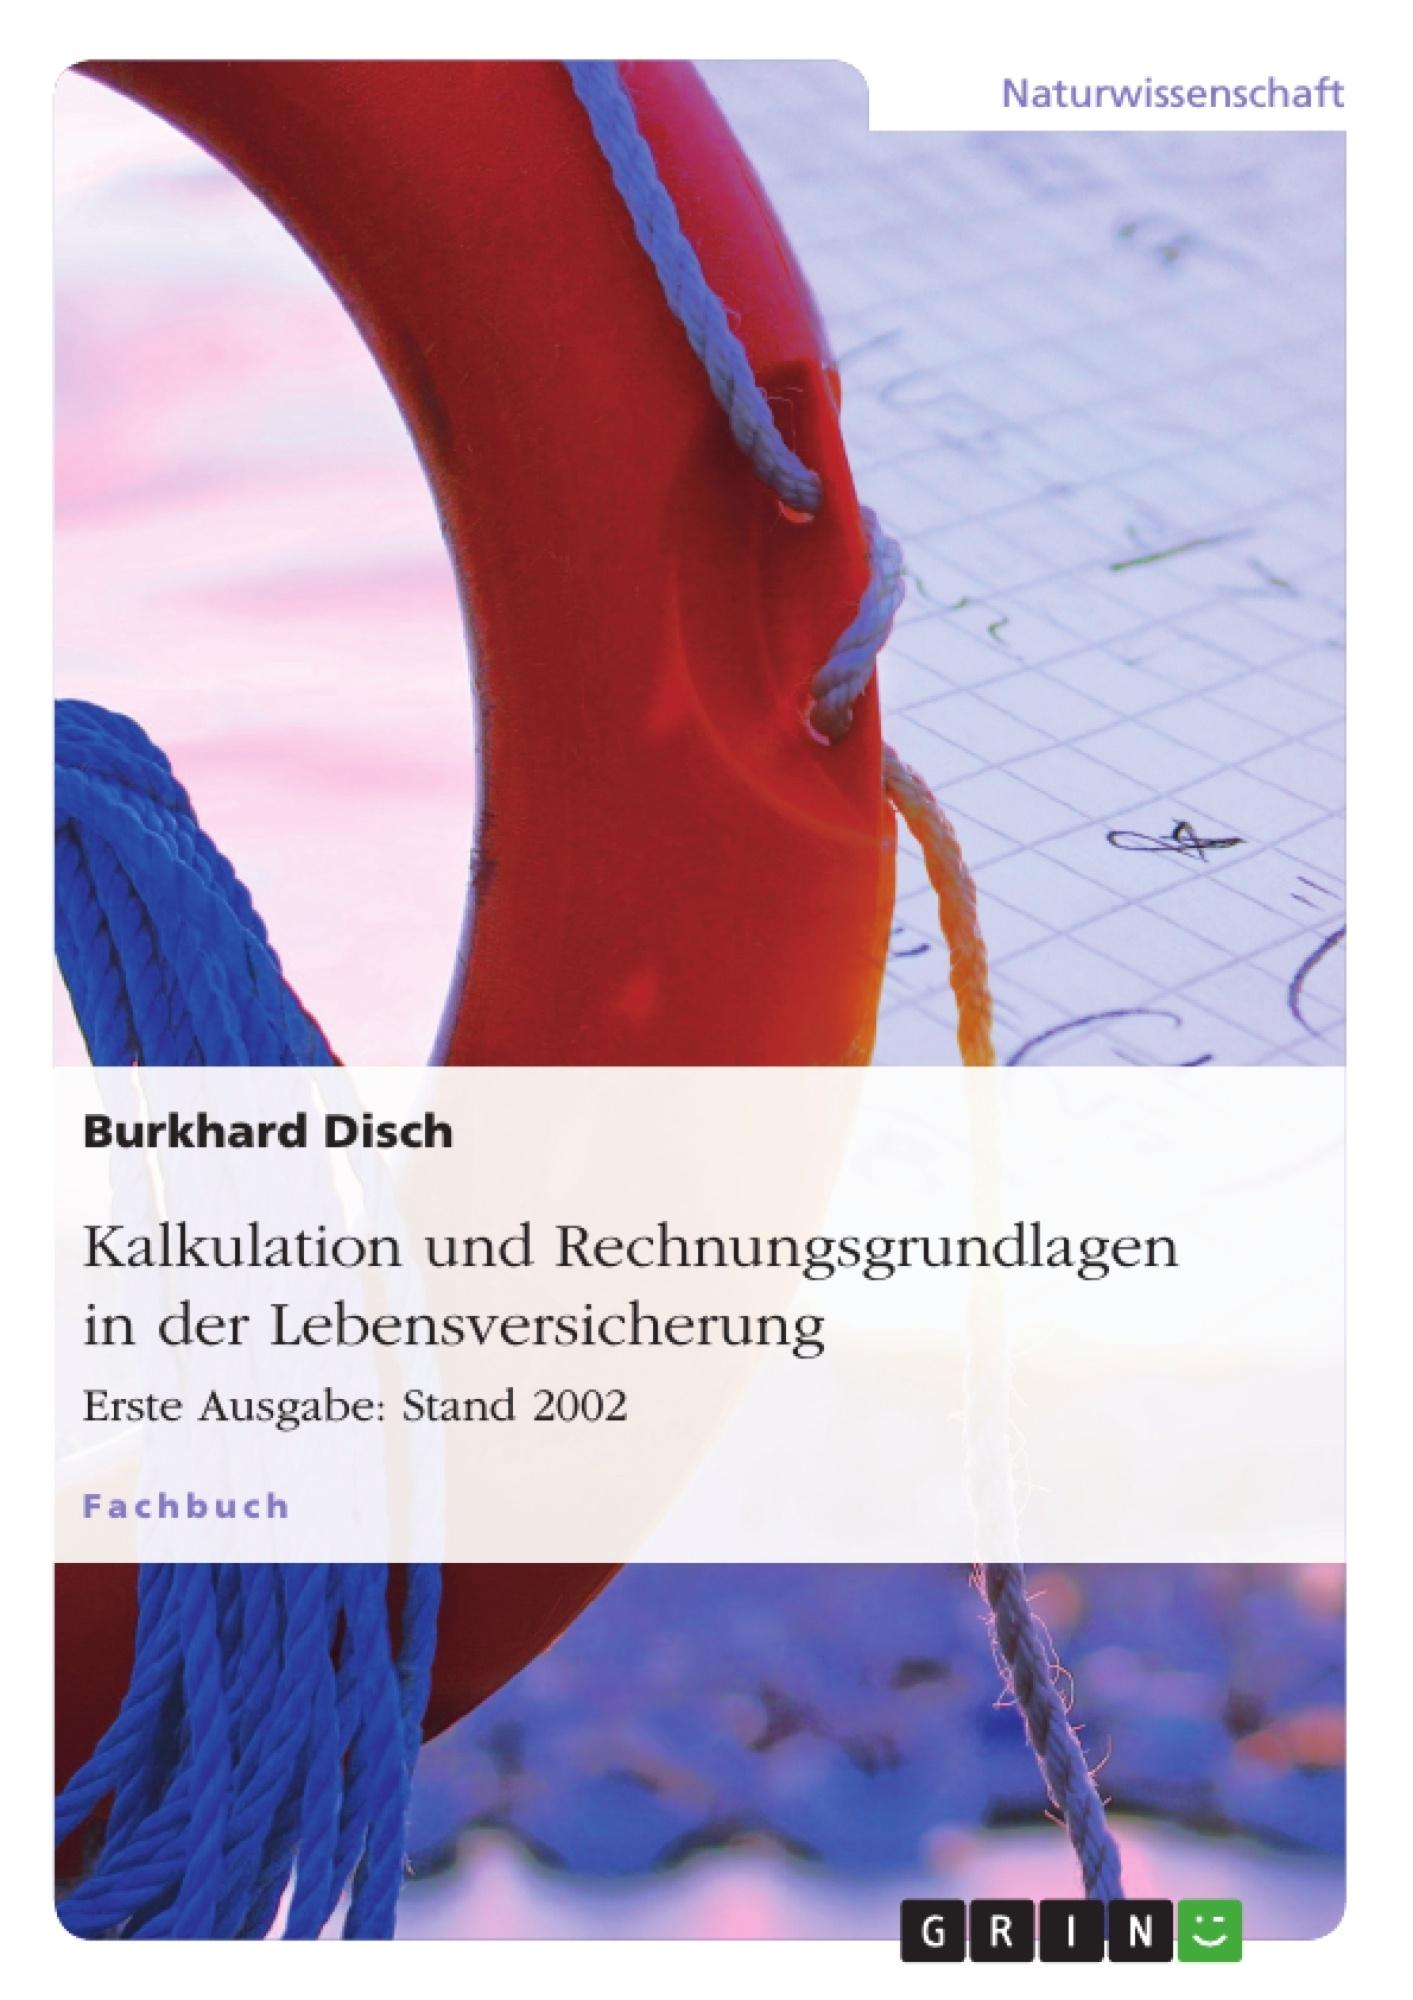 Titel: Kalkulation und Rechnungsgrundlagen in der Lebensversicherung. Erste Ausgabe: Stand 2002